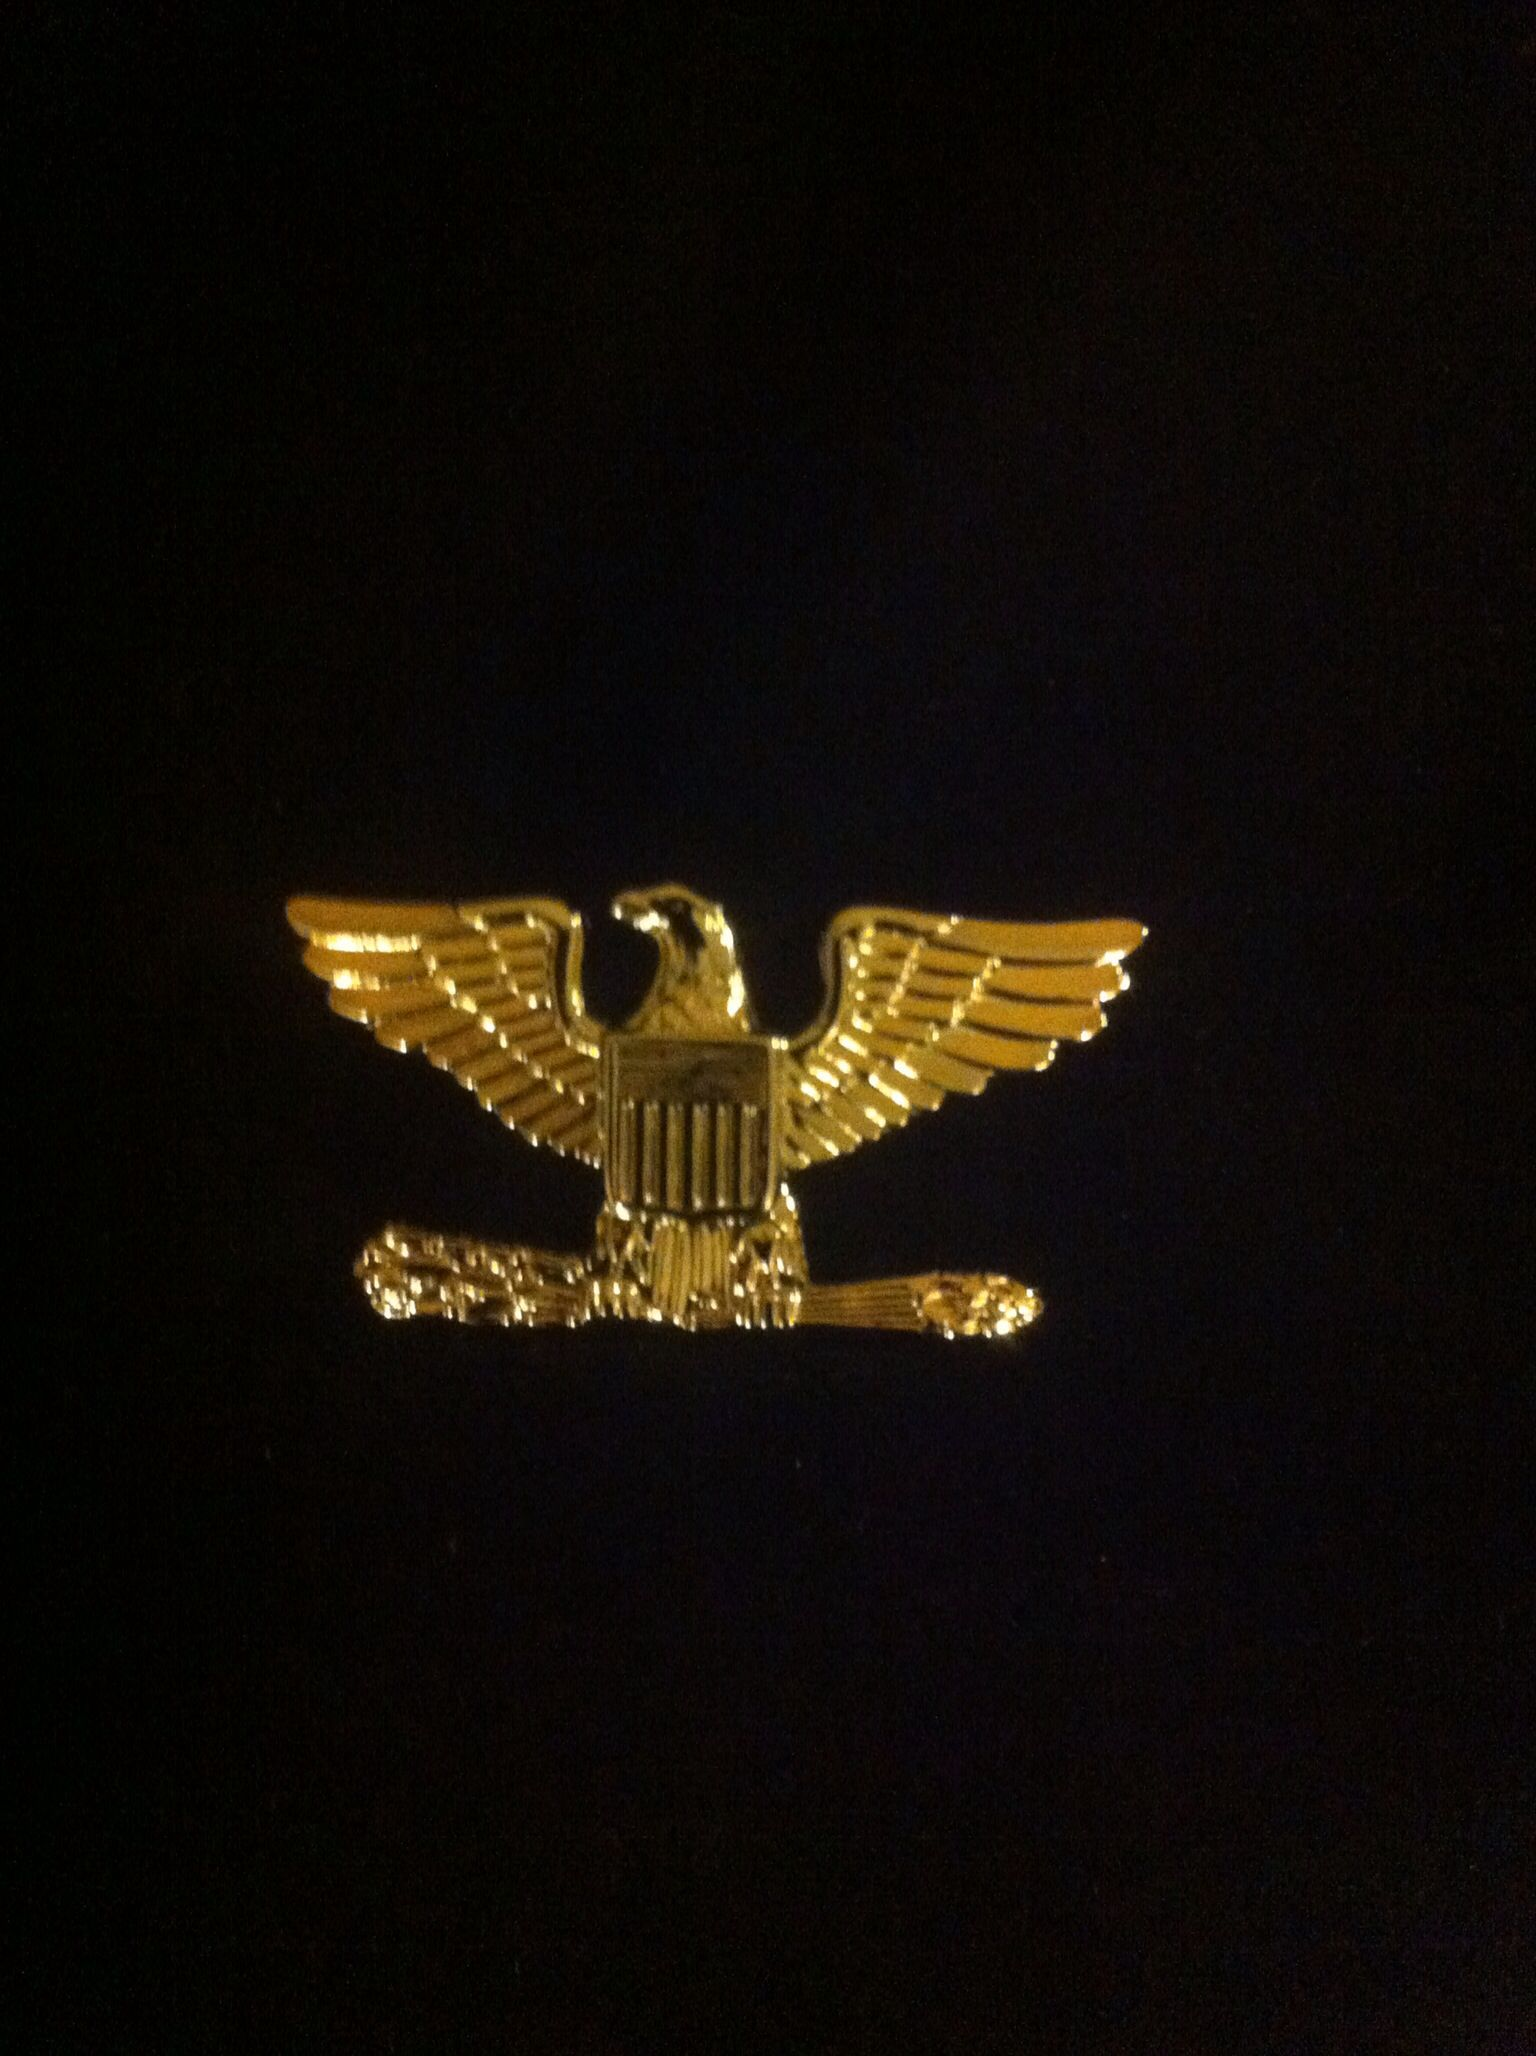 O6, Colonel Represented by a silver eagle (USN/USCG